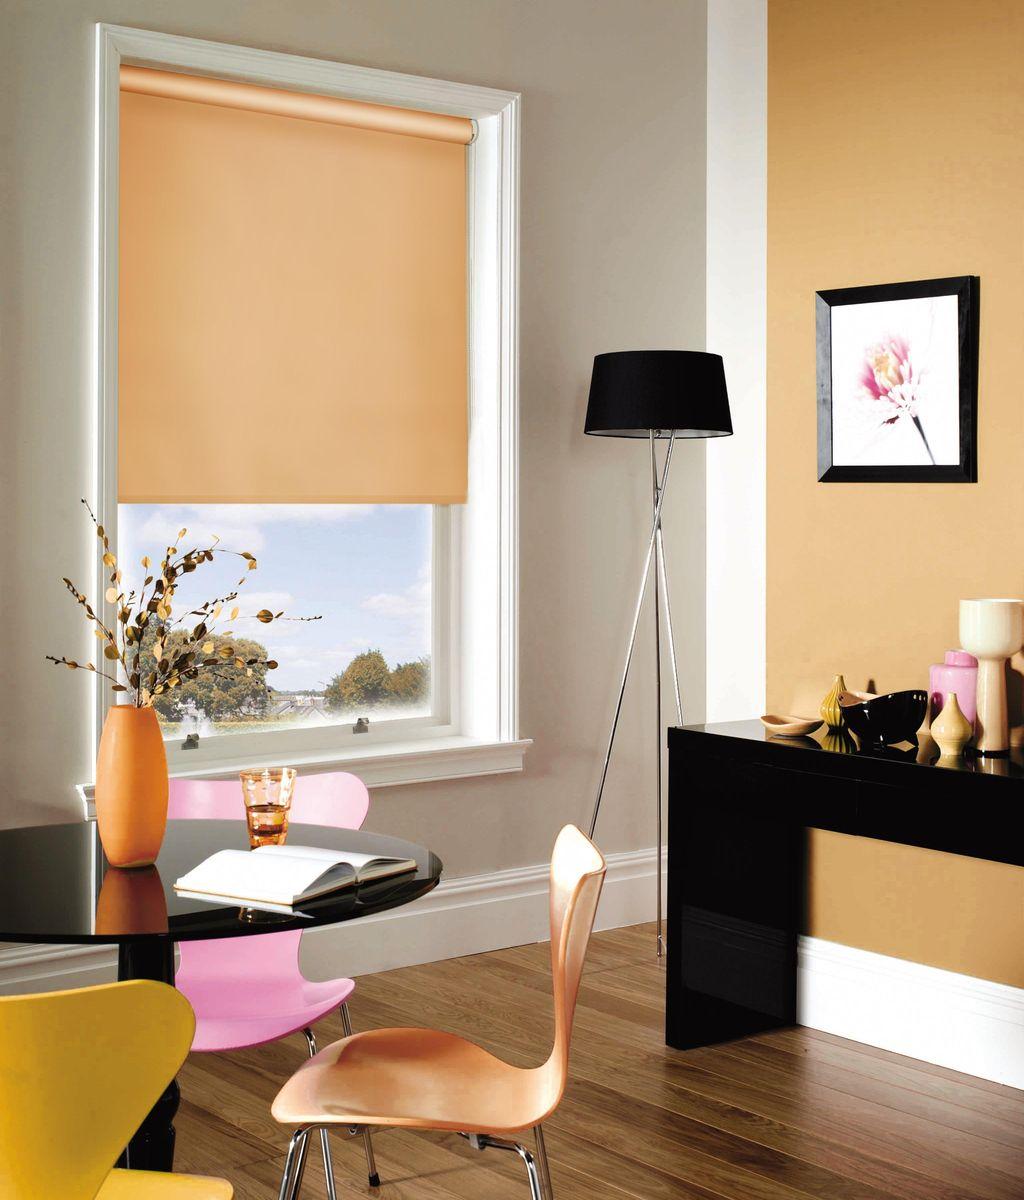 Штора рулонная Эскар, цвет: абрикосовый, ширина 60 см, высота 170 смS03301004Рулонными шторами можно оформлять окна как самостоятельно, так и использовать в комбинации с портьерами. Это поможет предотвратить выгорание дорогой ткани на солнце и соединит функционал рулонных с красотой навесных.Преимущества применения рулонных штор для пластиковых окон:- имеют прекрасный внешний вид: многообразие и фактурность материала изделия отлично смотрятся в любом интерьере; - многофункциональны: есть возможность подобрать шторы способные эффективно защитить комнату от солнца, при этом о на не будет слишком темной. - Есть возможность осуществить быстрый монтаж. ВНИМАНИЕ! Размеры ширины изделия указаны по ширине ткани!Во время эксплуатации не рекомендуется полностью разматывать рулон, чтобы не оторвать ткань от намоточного вала.В случае загрязнения поверхности ткани, чистку шторы проводят одним из способов, в зависимости от типа загрязнения: легкое поверхностное загрязнение можно удалить при помощи канцелярского ластика; чистка от пыли производится сухим методом при помощи пылесоса с мягкой щеткой-насадкой; для удаления пятна используйте мягкую губку с пенообразующим неагрессивным моющим средством или пятновыводитель на натуральной основе (нельзя применять растворители).